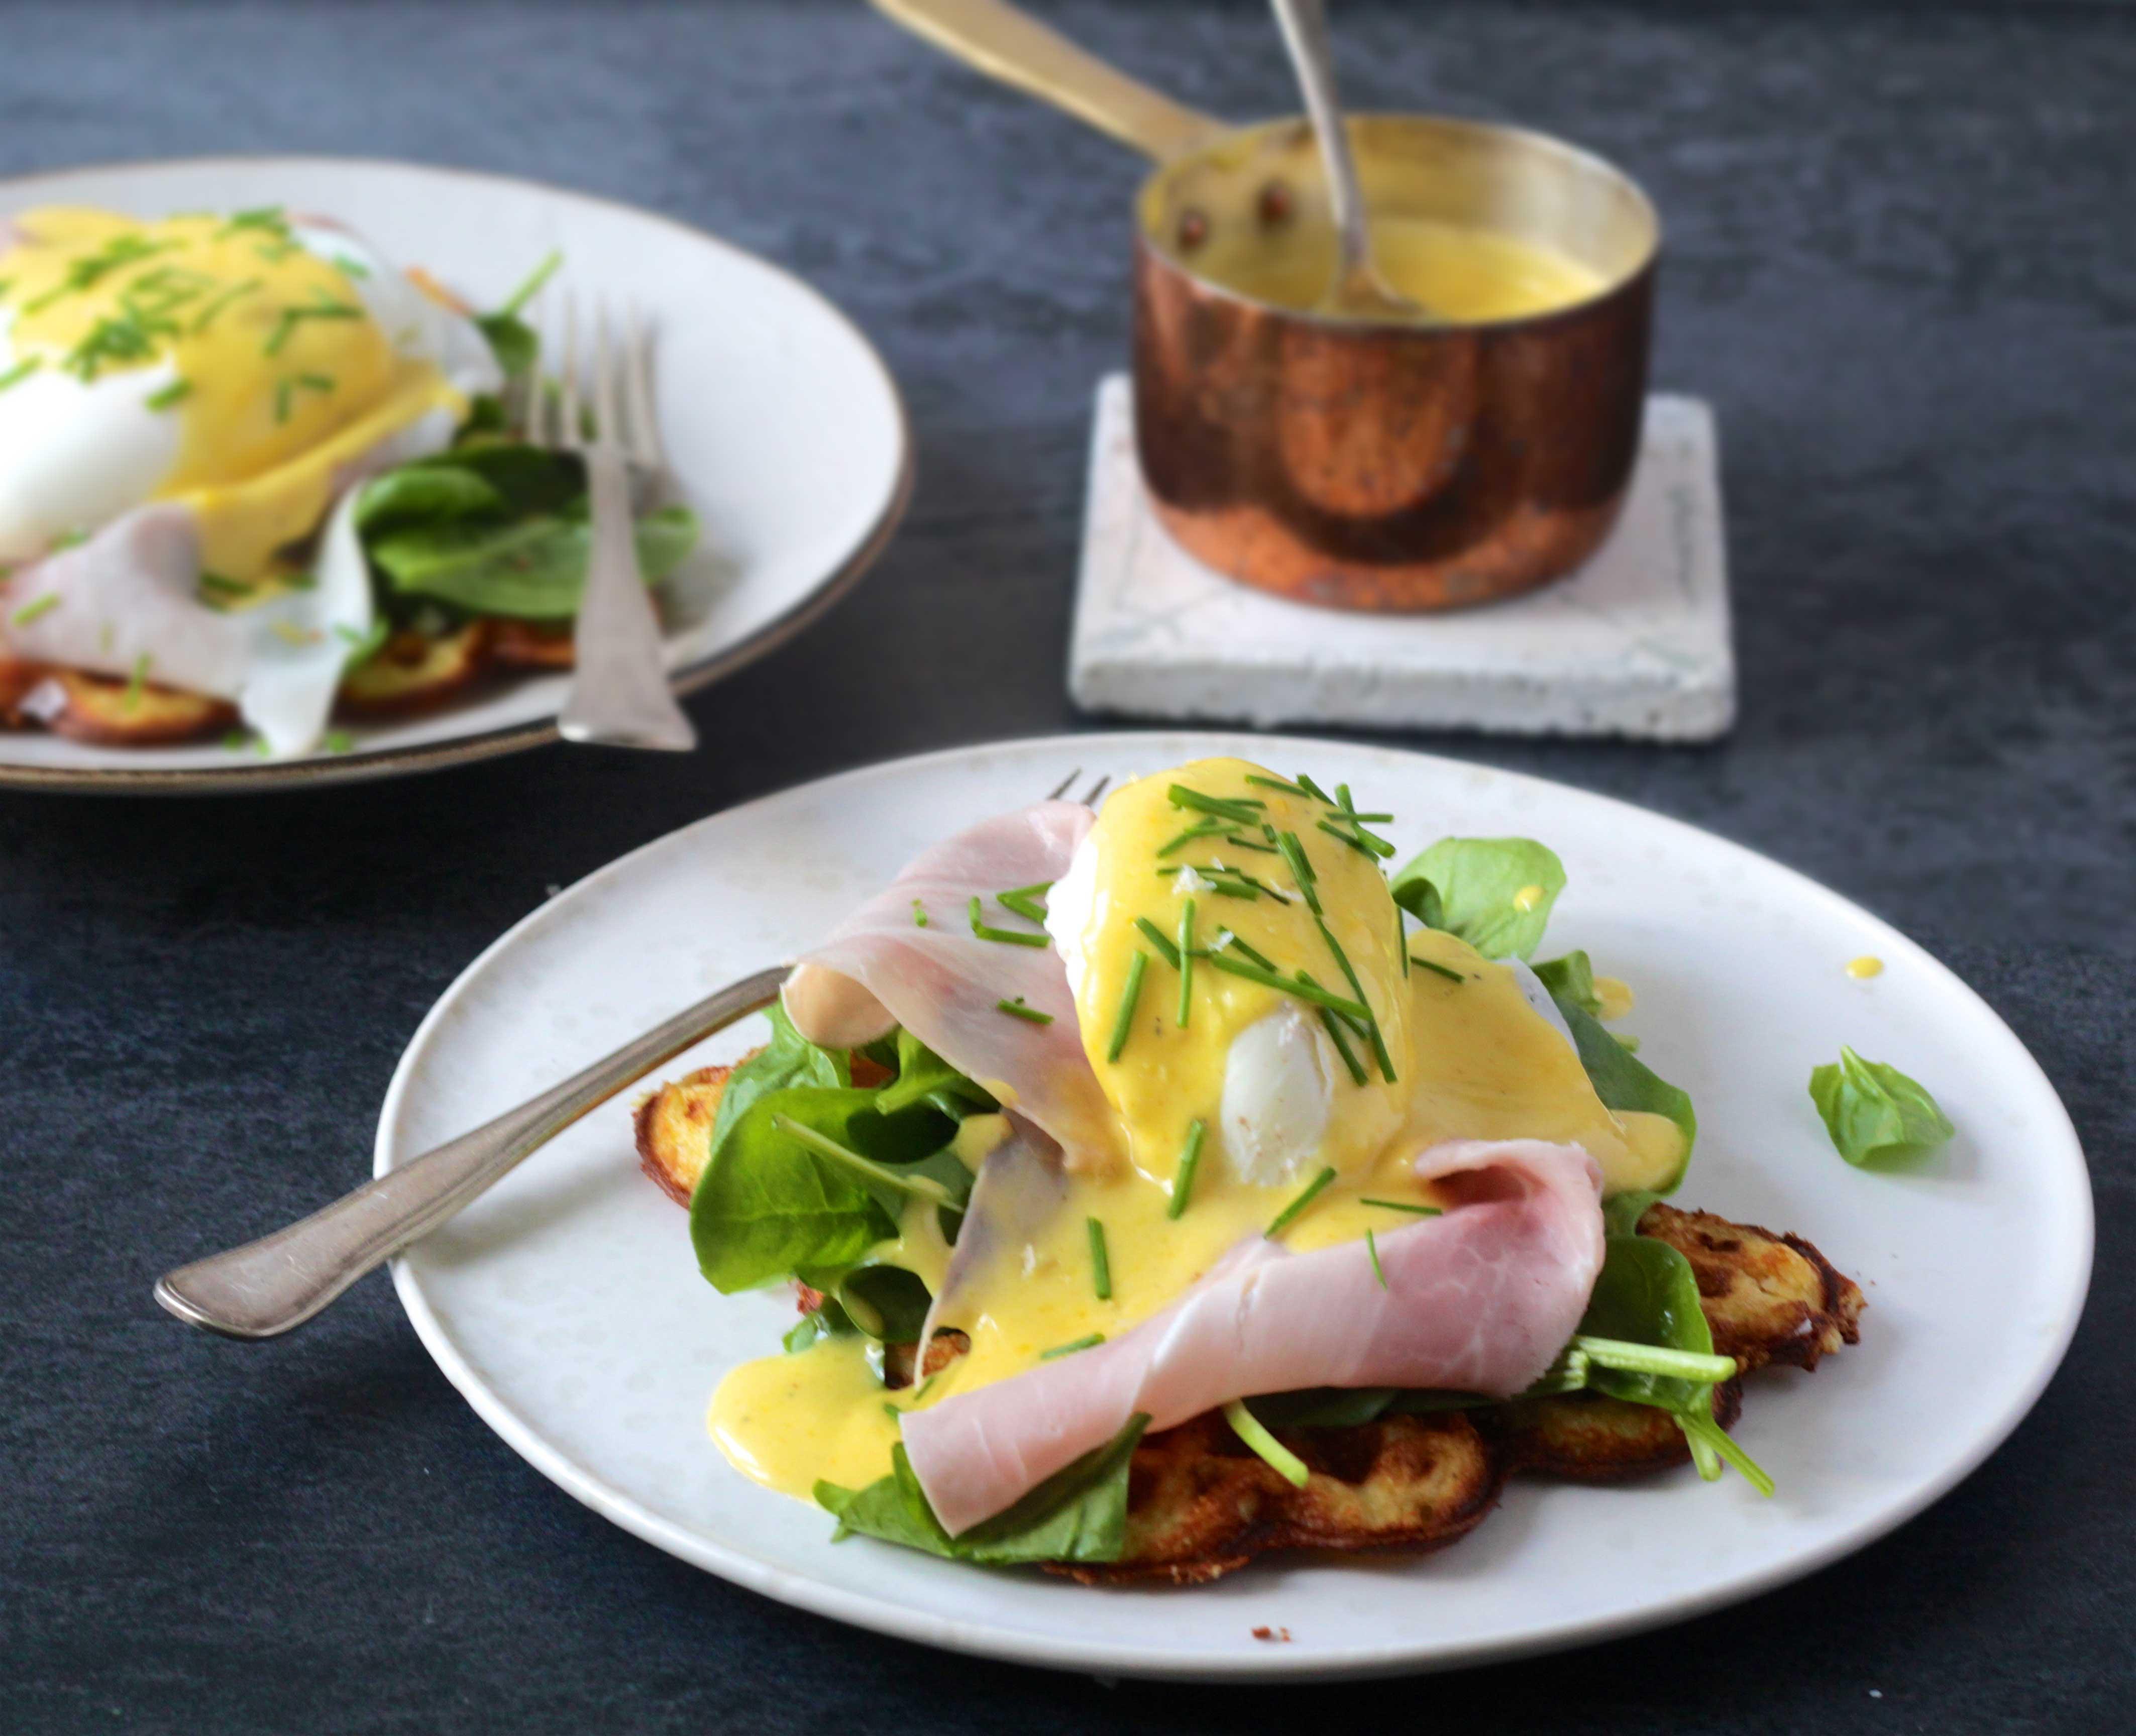 Eggs Benedict - opskrift på æg med hollandaise / smørsovs